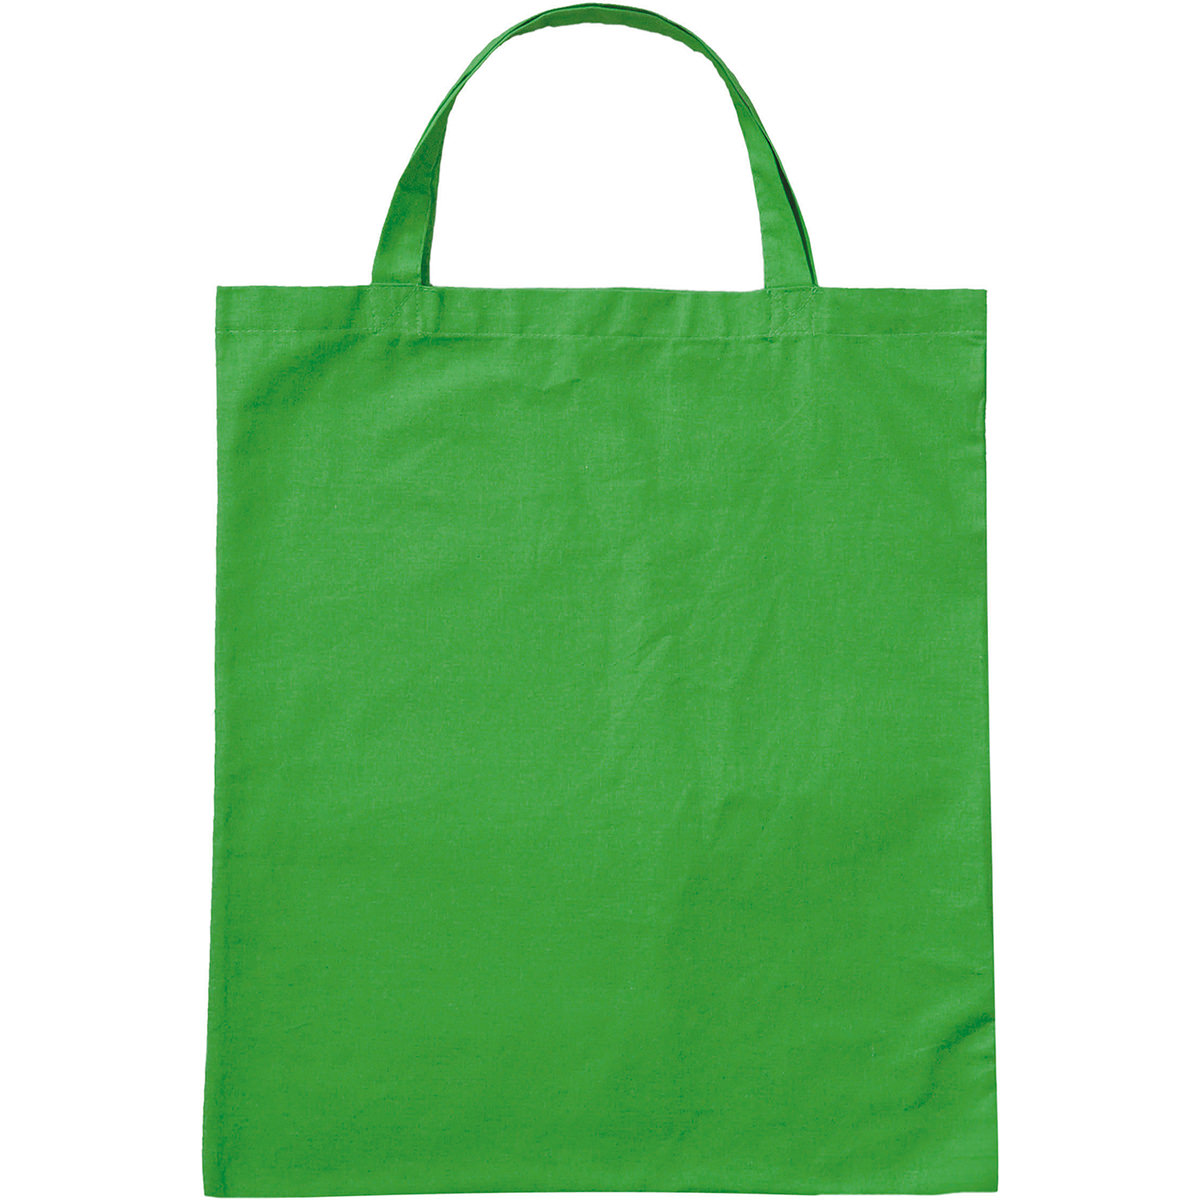 3842KOG - BIO-Baumwolltasche mit kurzen Henkeln farbig